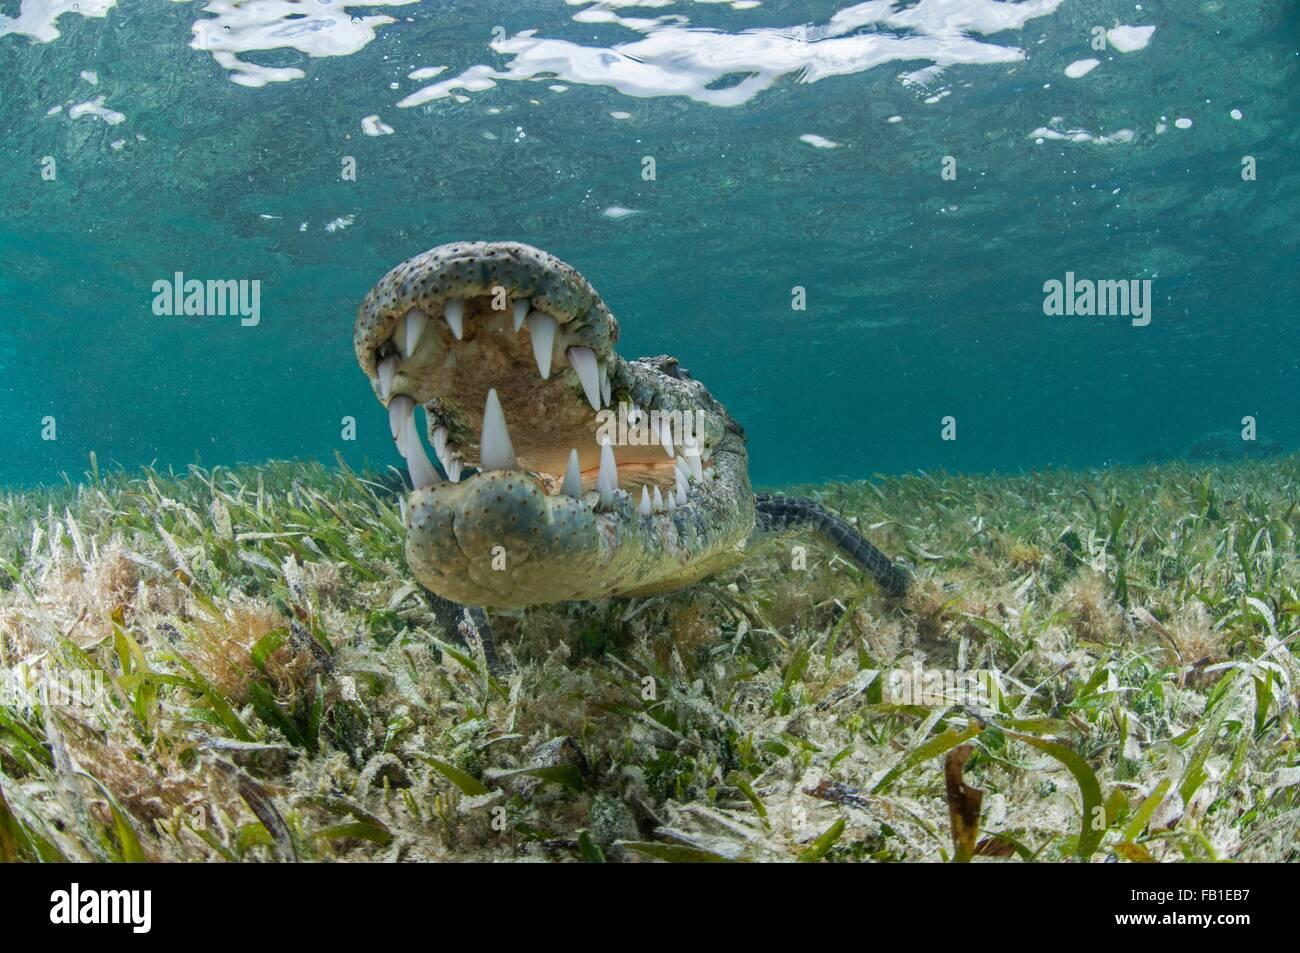 Subacquea vista anteriore del coccodrillo su piante fanerogame, con imboccatura aperta che mostra denti, Chinchorro Immagini Stock